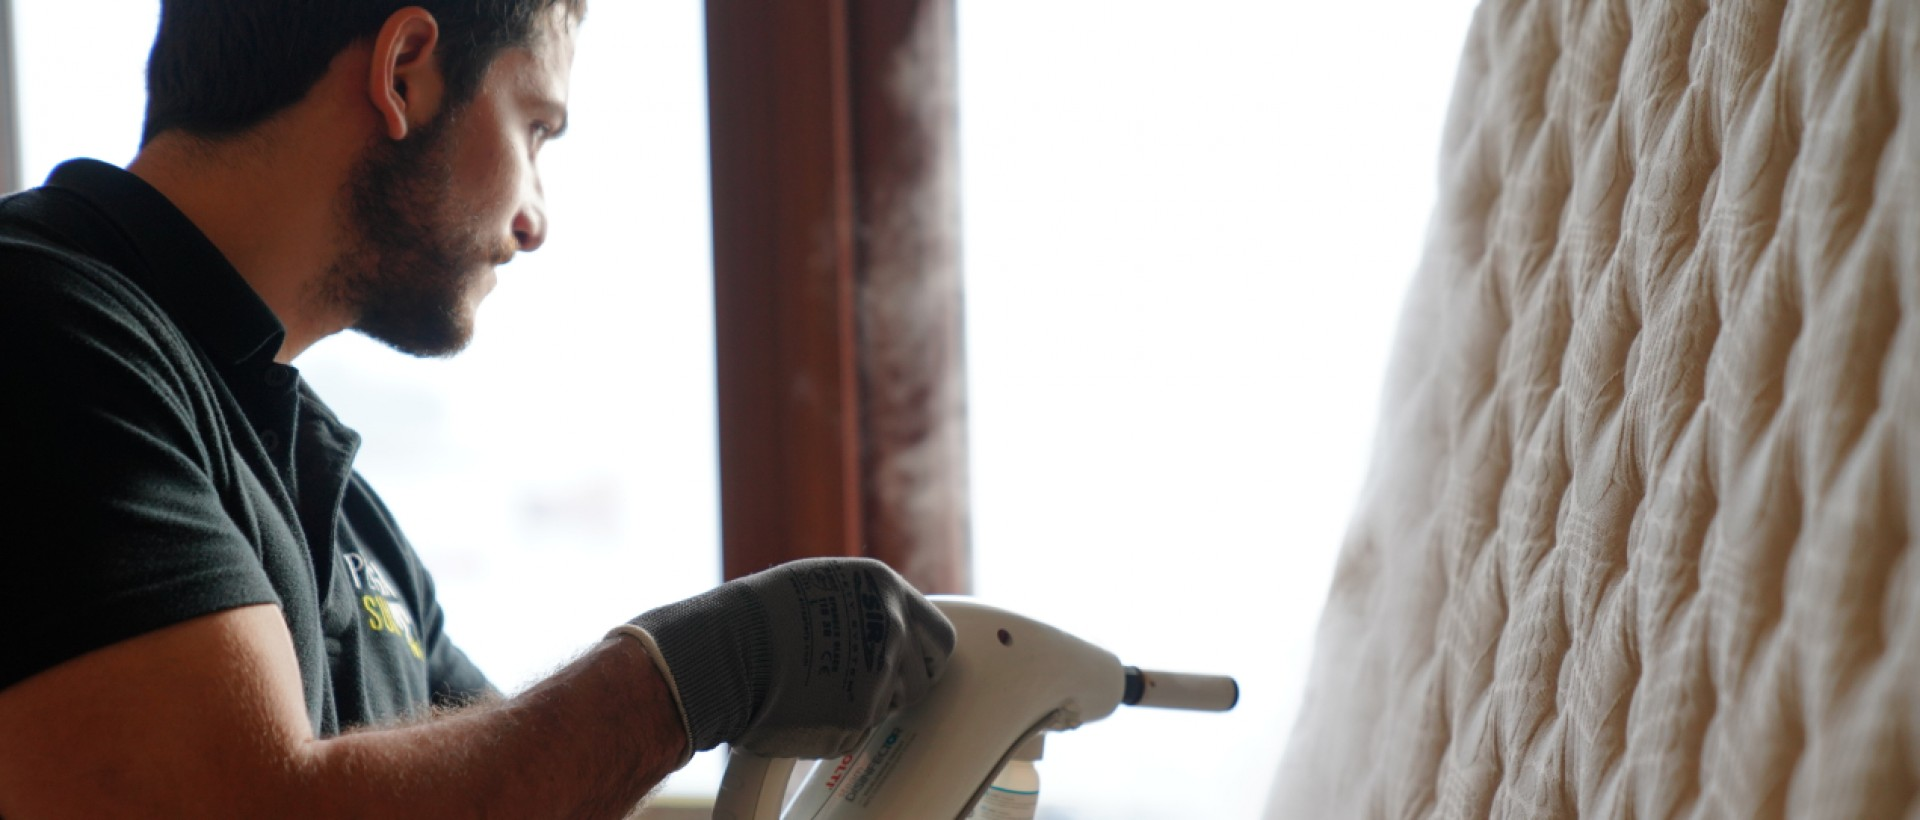 PLAGASUR® | Porque es tu casa y NO la de ellos! | Sanitización · Desratización · Desinsectación · Control de palomas y murciélagos · Valdivia - Puerto Montt - Puerto Varas - Osorno - Castro | Erradicación de chinches de cama